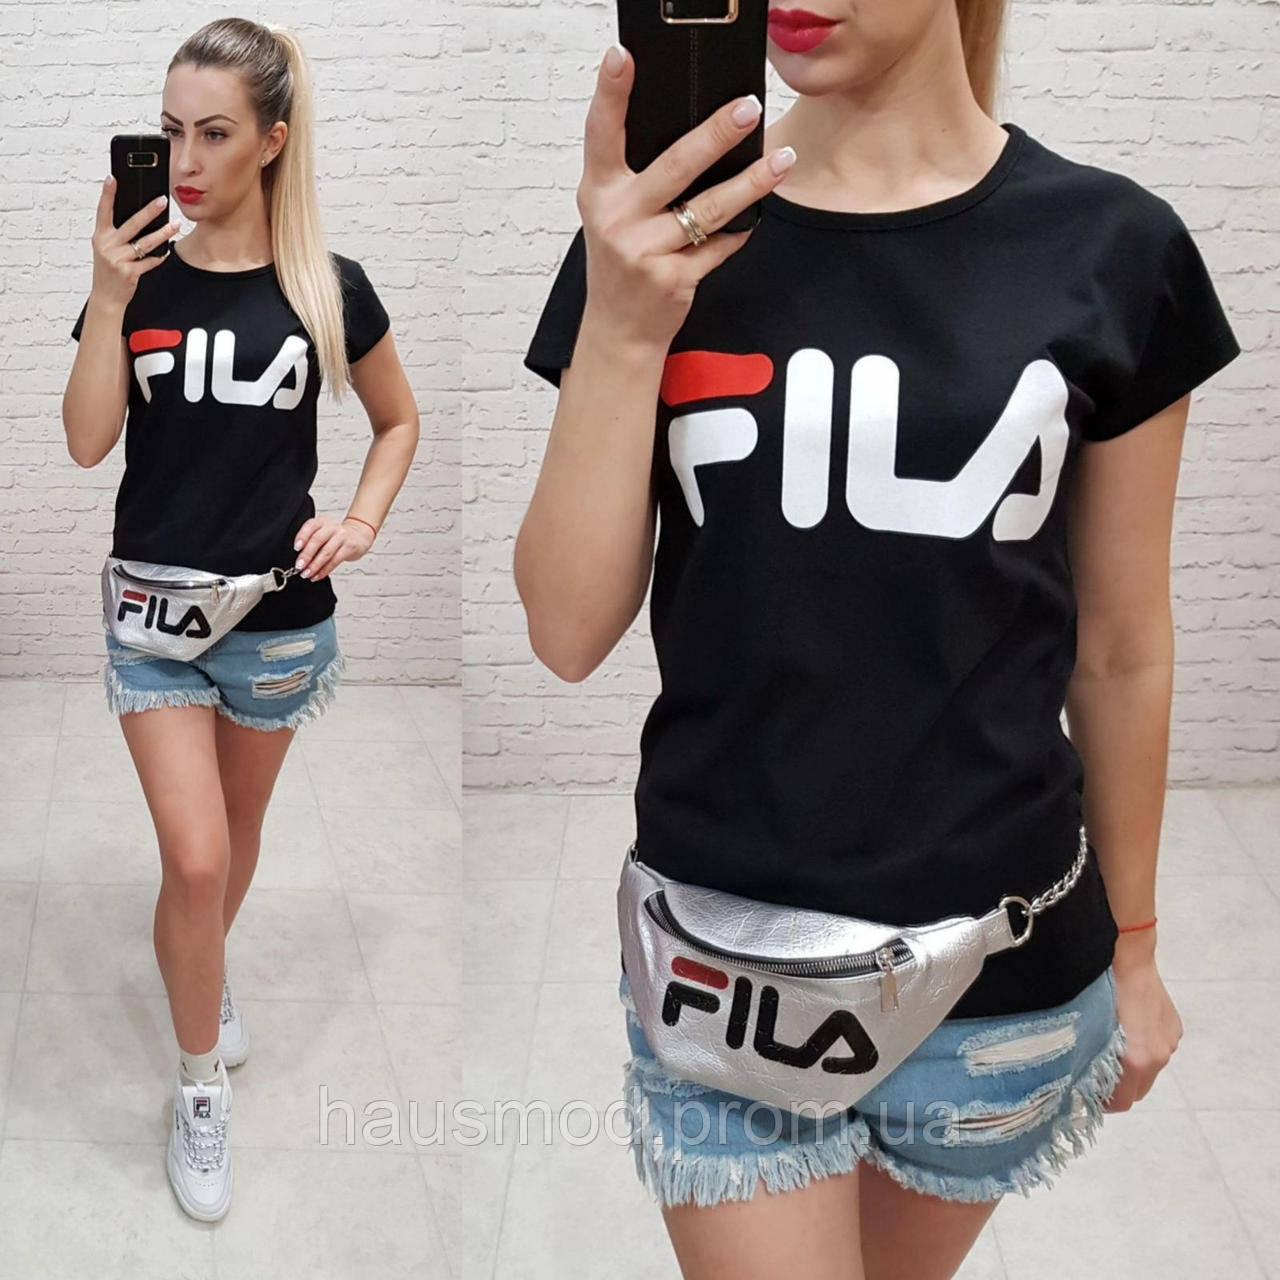 Женская футболка реплика Fila Турция 100% катон черная